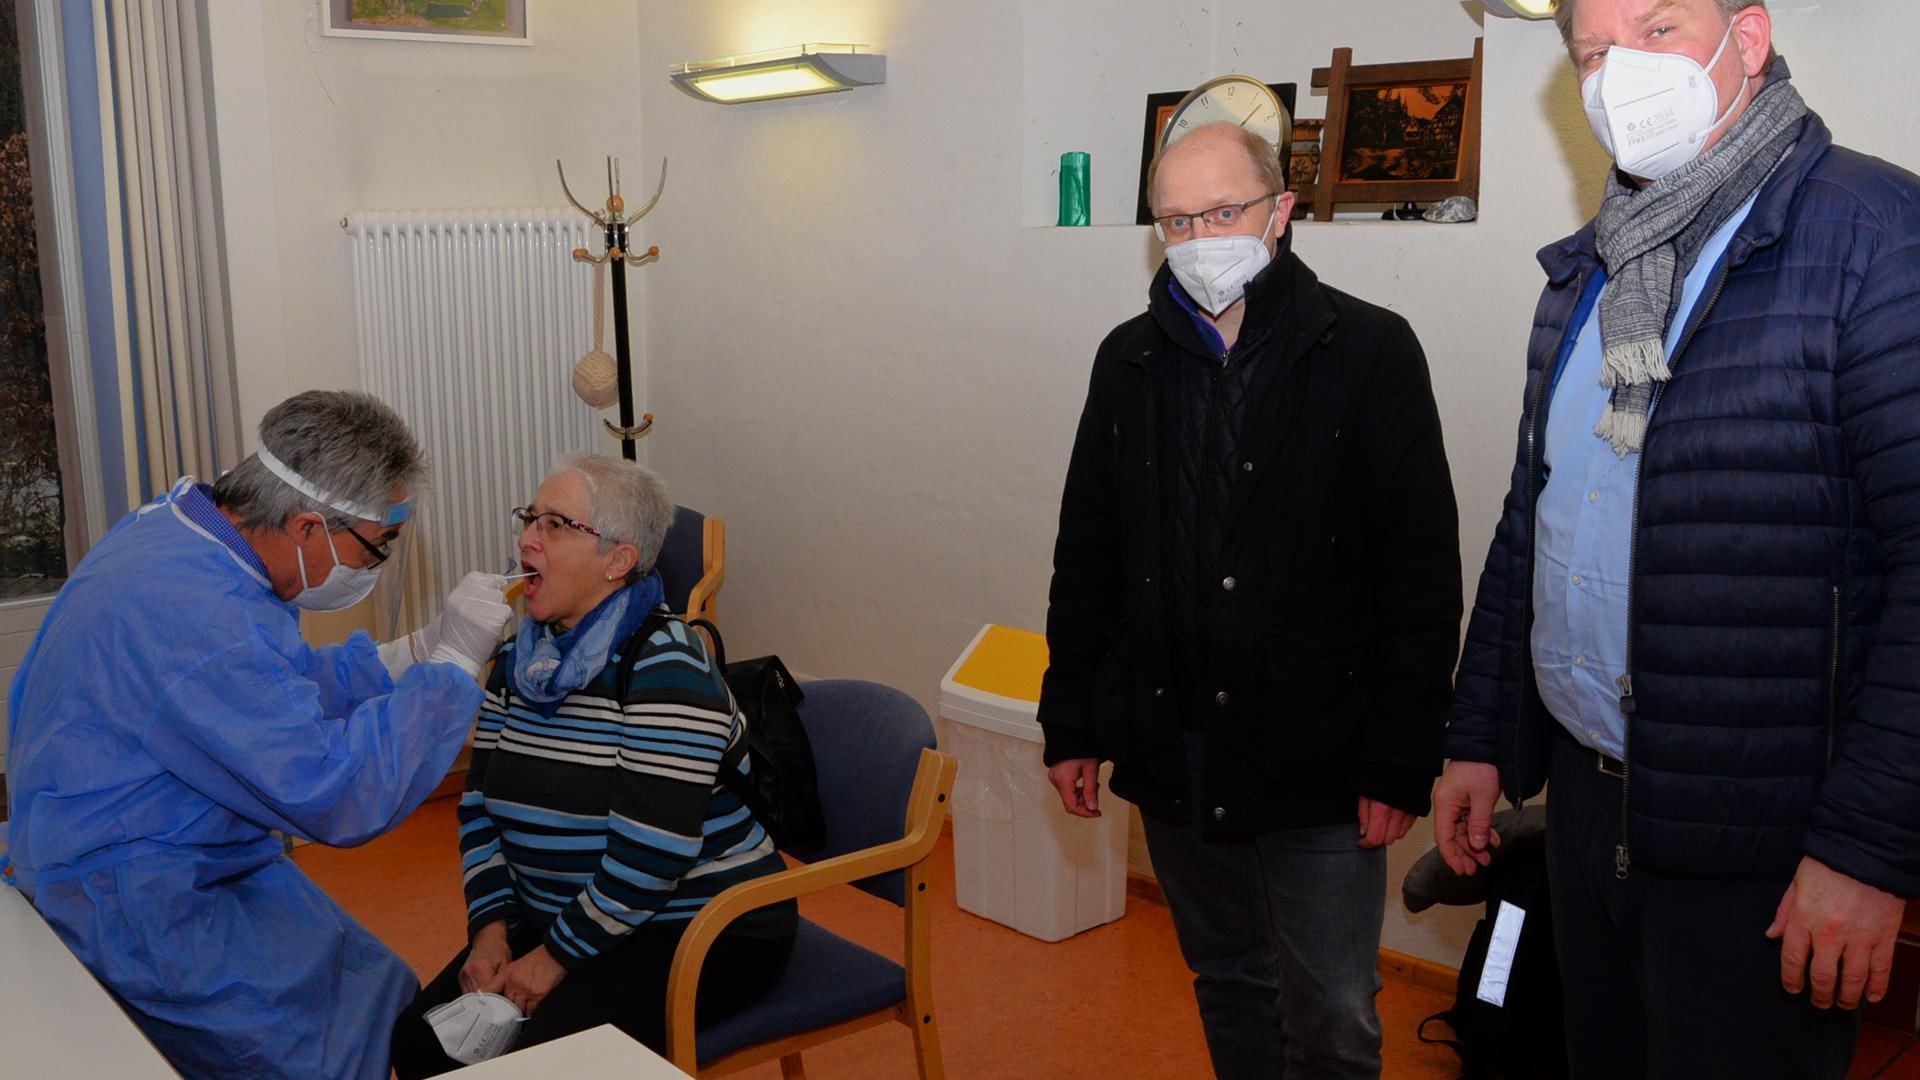 Ingrid Wagner wurde als erste von Dr. Klaus Keller (links) getestet. Bei der Eröffnung des Ispringer Test-Zentrum waren auch Bürgermeister Thomas Zeilmeier und Hauptamtsleiter Thomas Ruppender (von rechts) dabei.